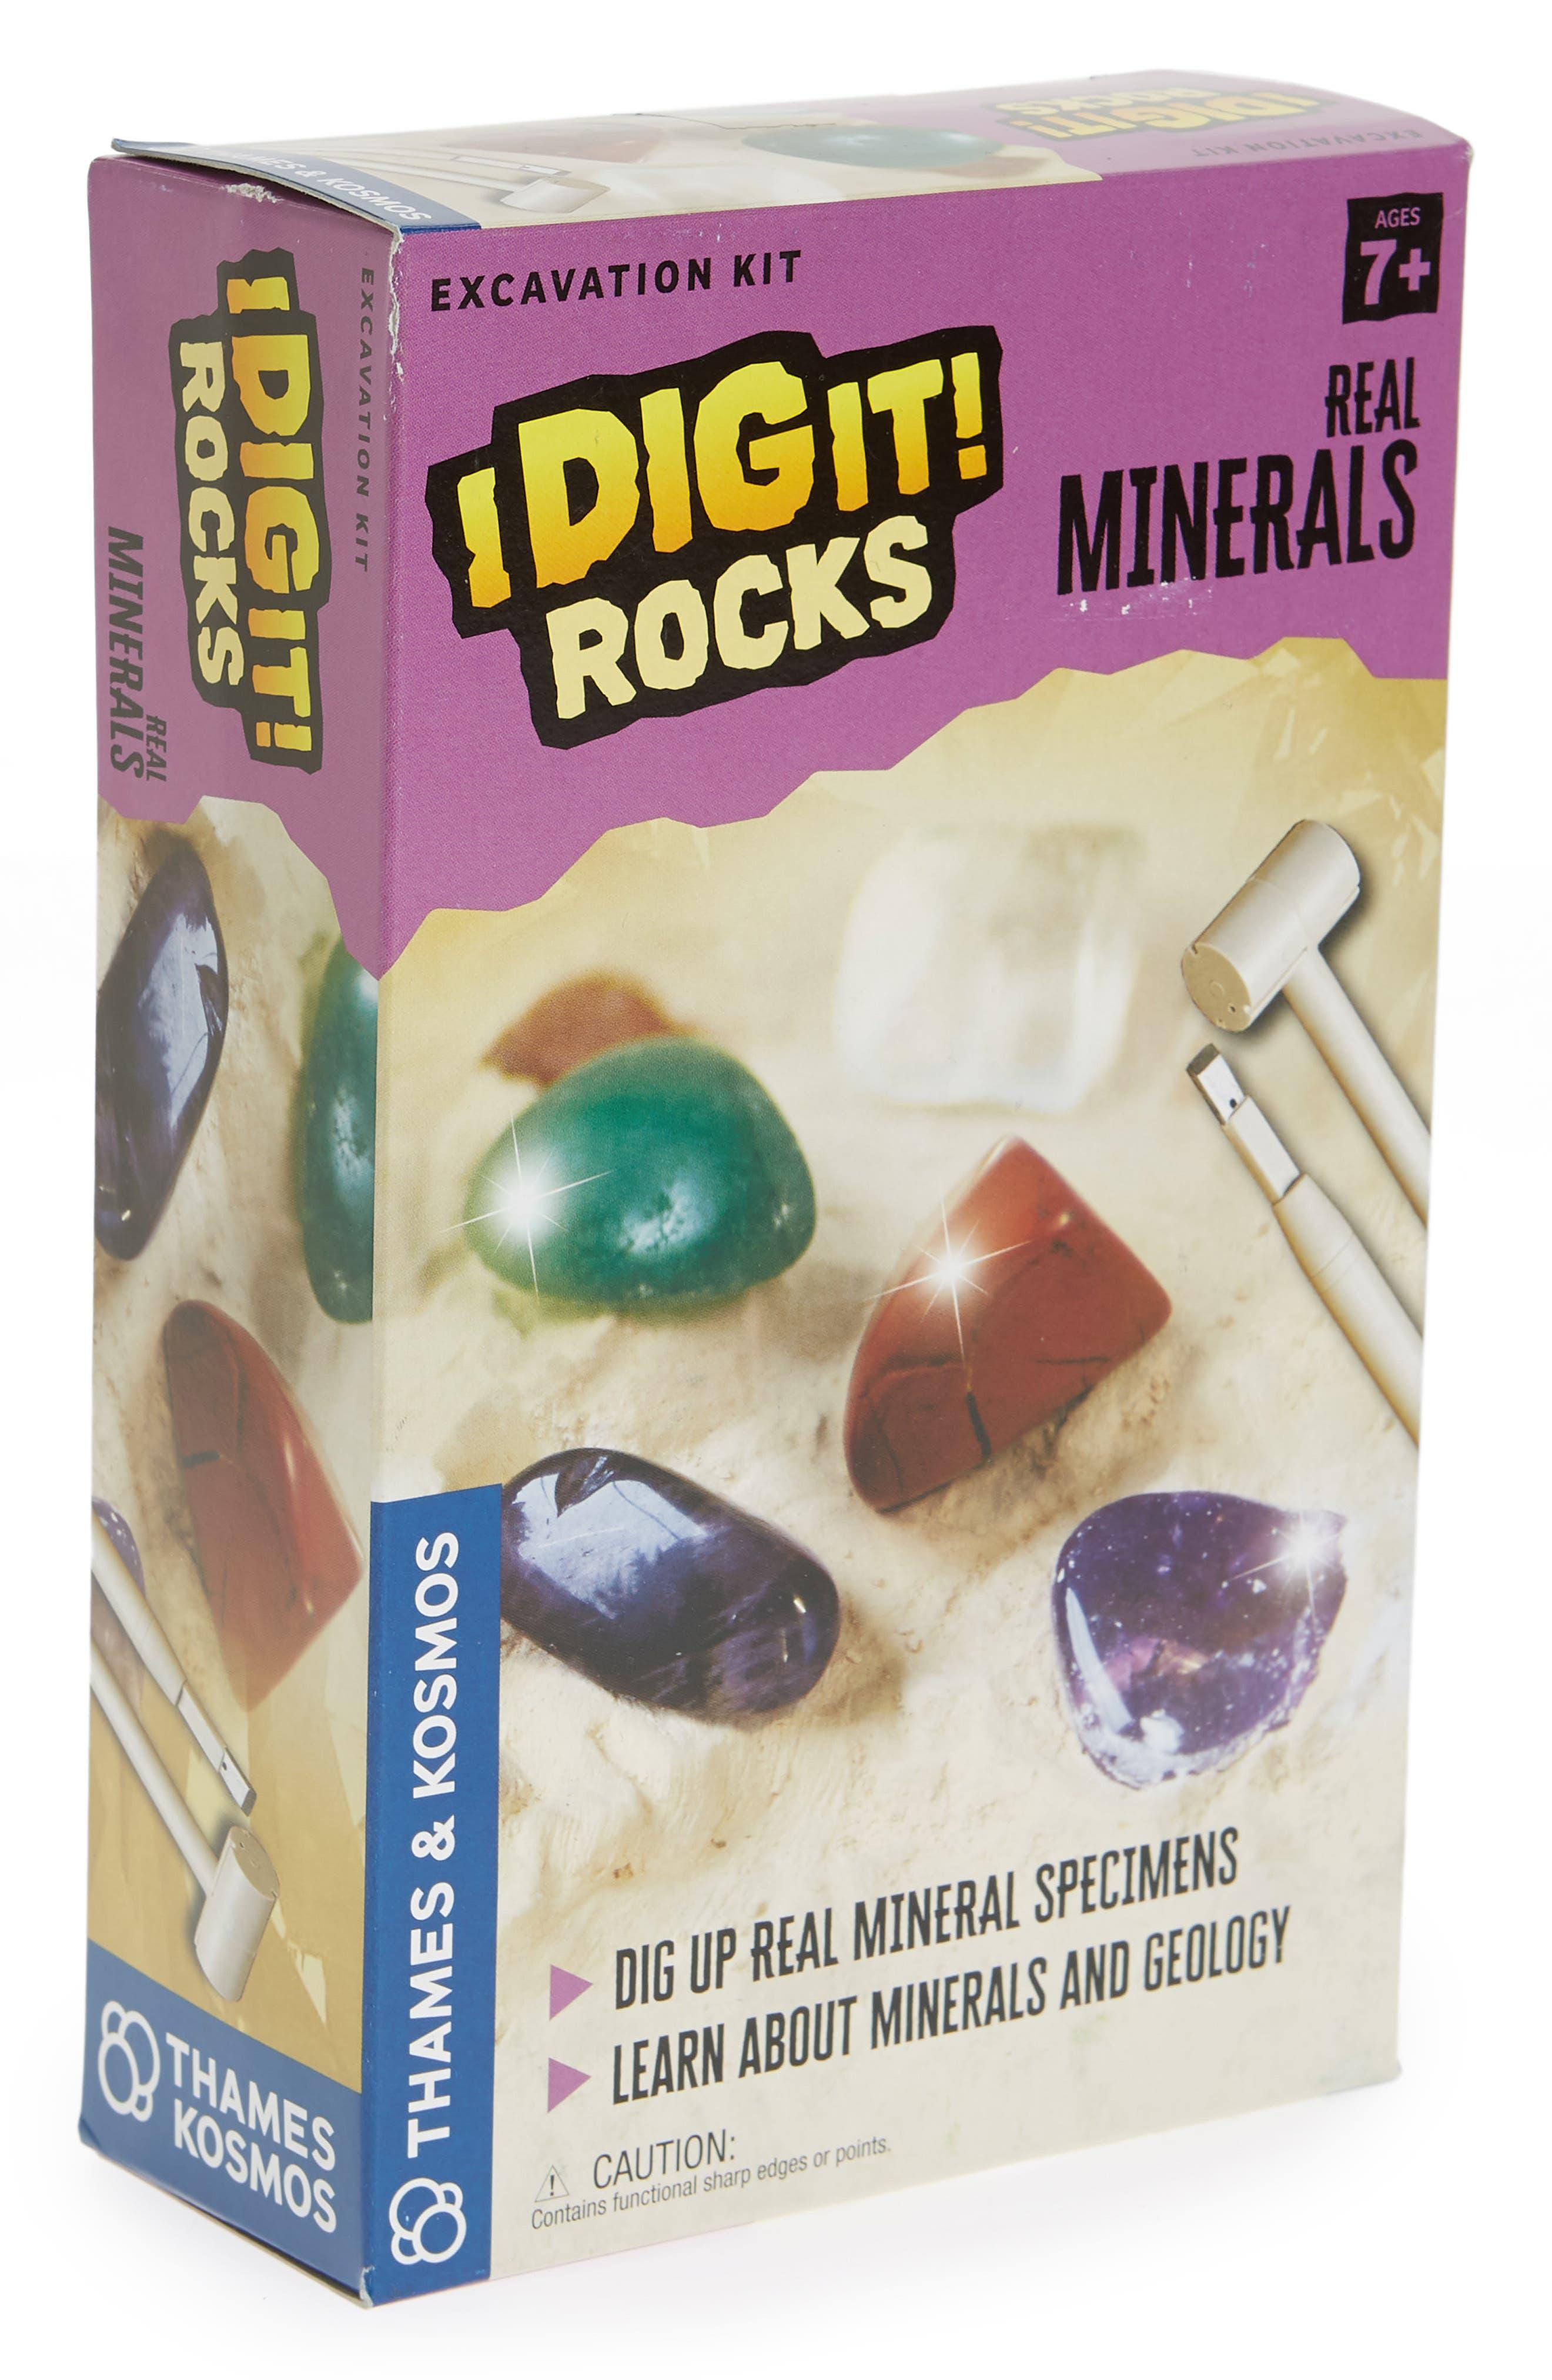 I Dig It! Real Minerals Excavation Kit,                         Main,                         color, Beige